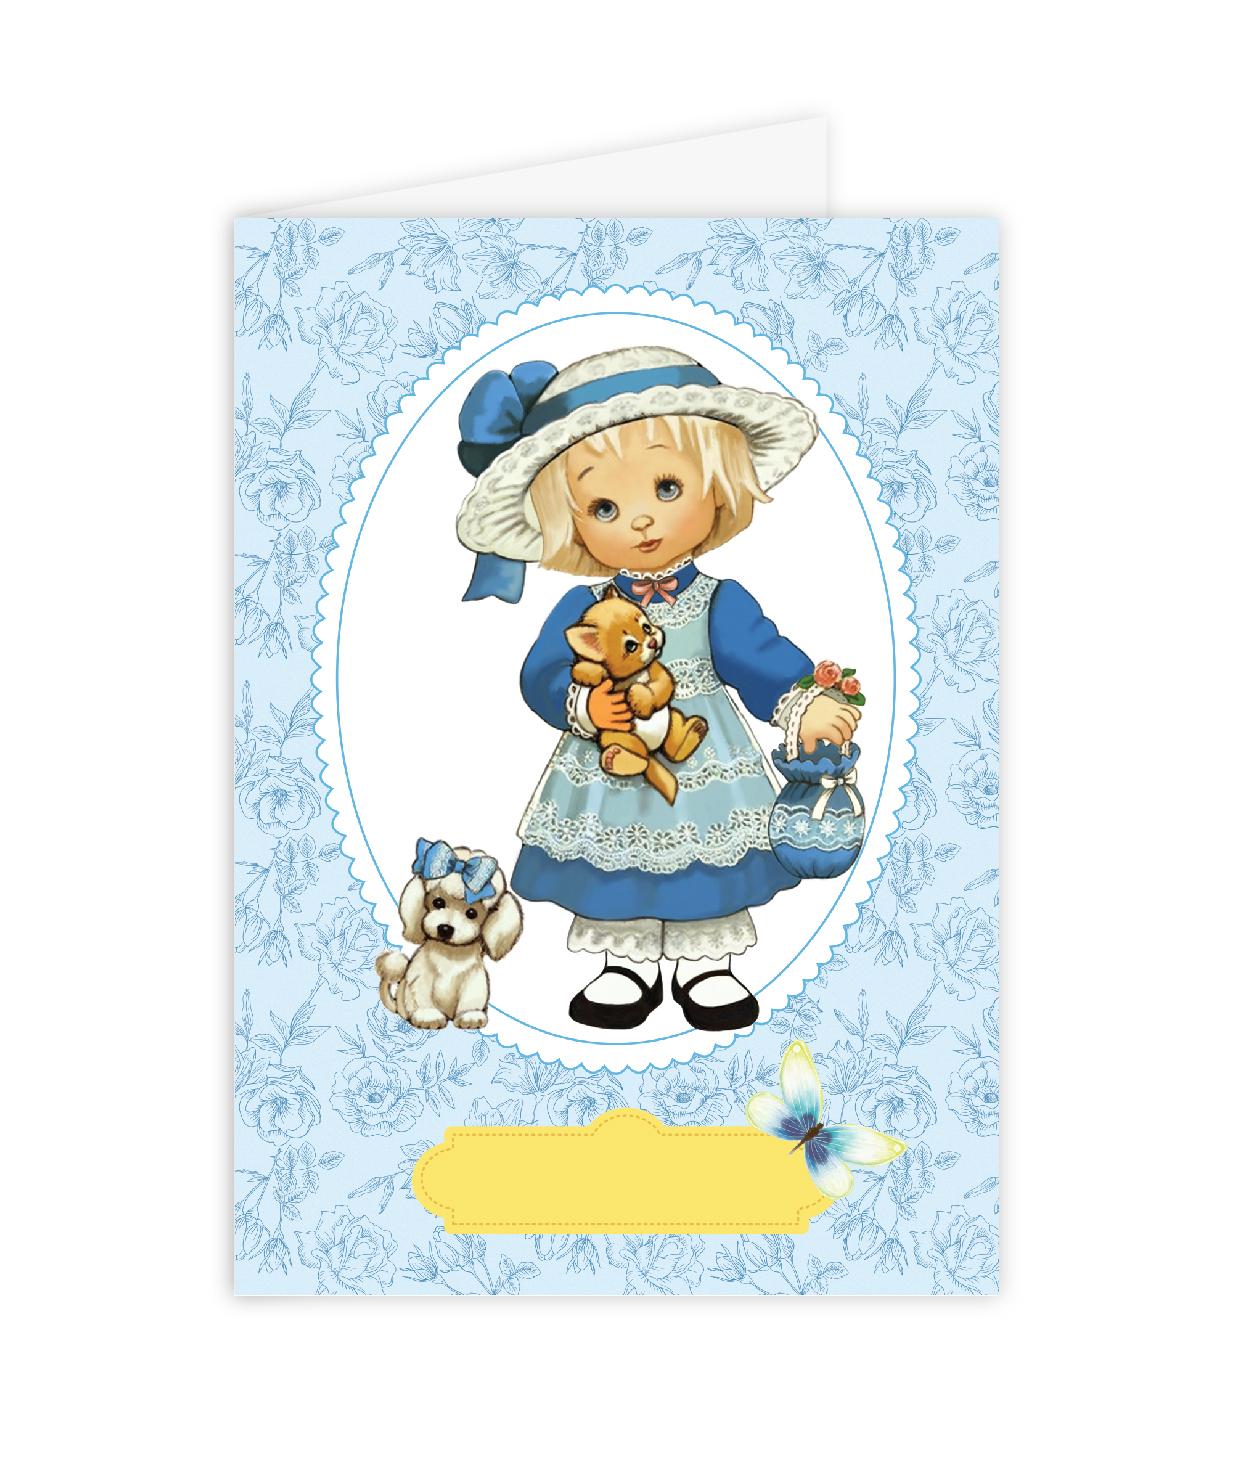 Открытка–папертоль Девочка с собачкой – главное фото сюжета.